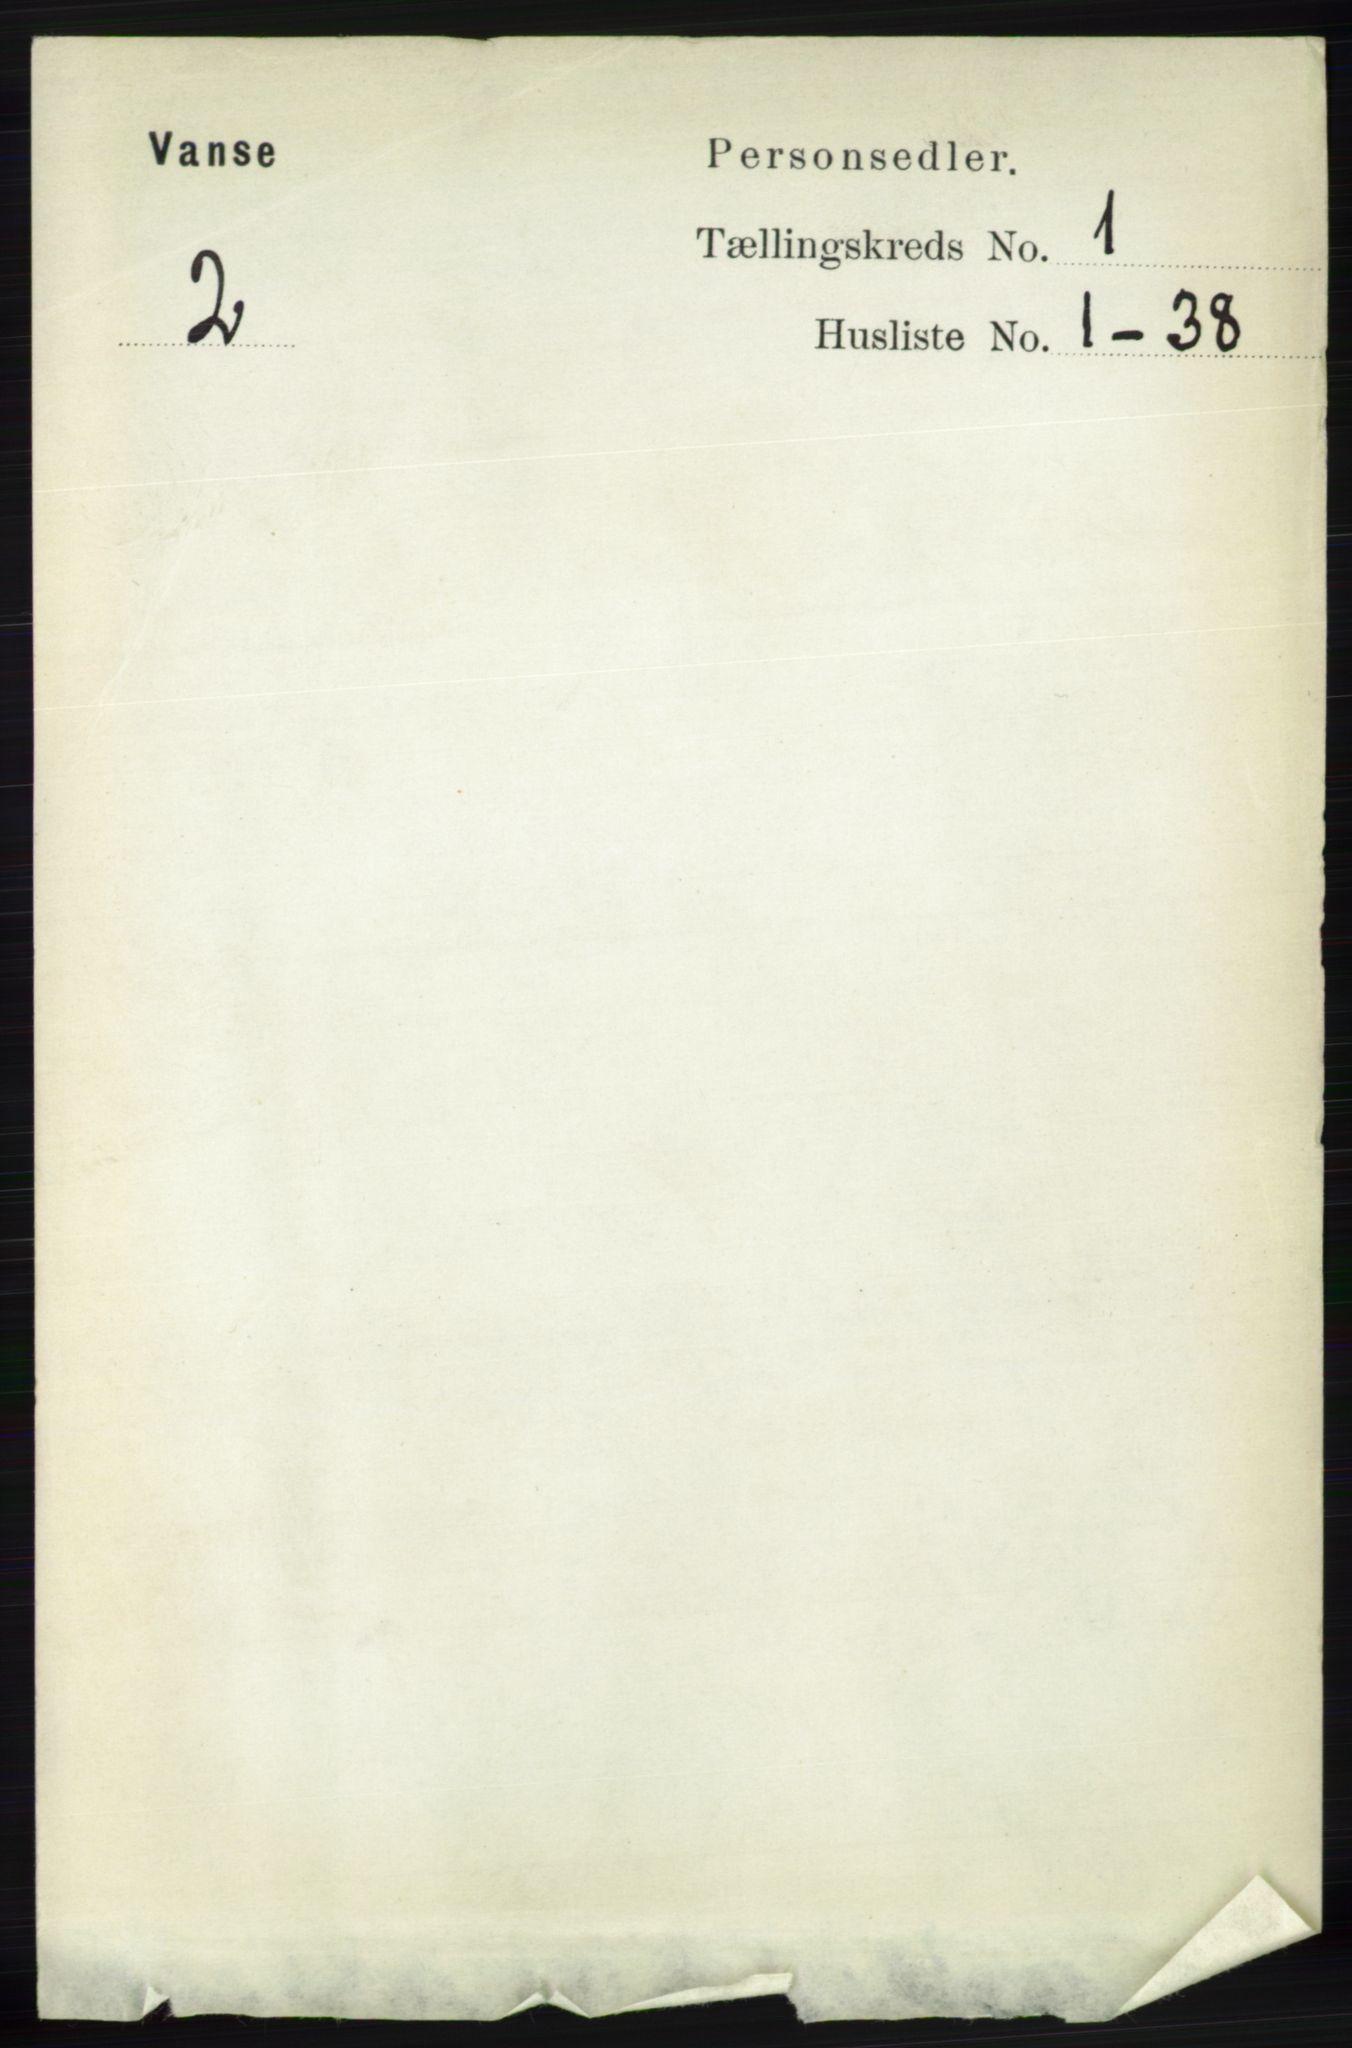 RA, Folketelling 1891 for 1041 Vanse herred, 1891, s. 128